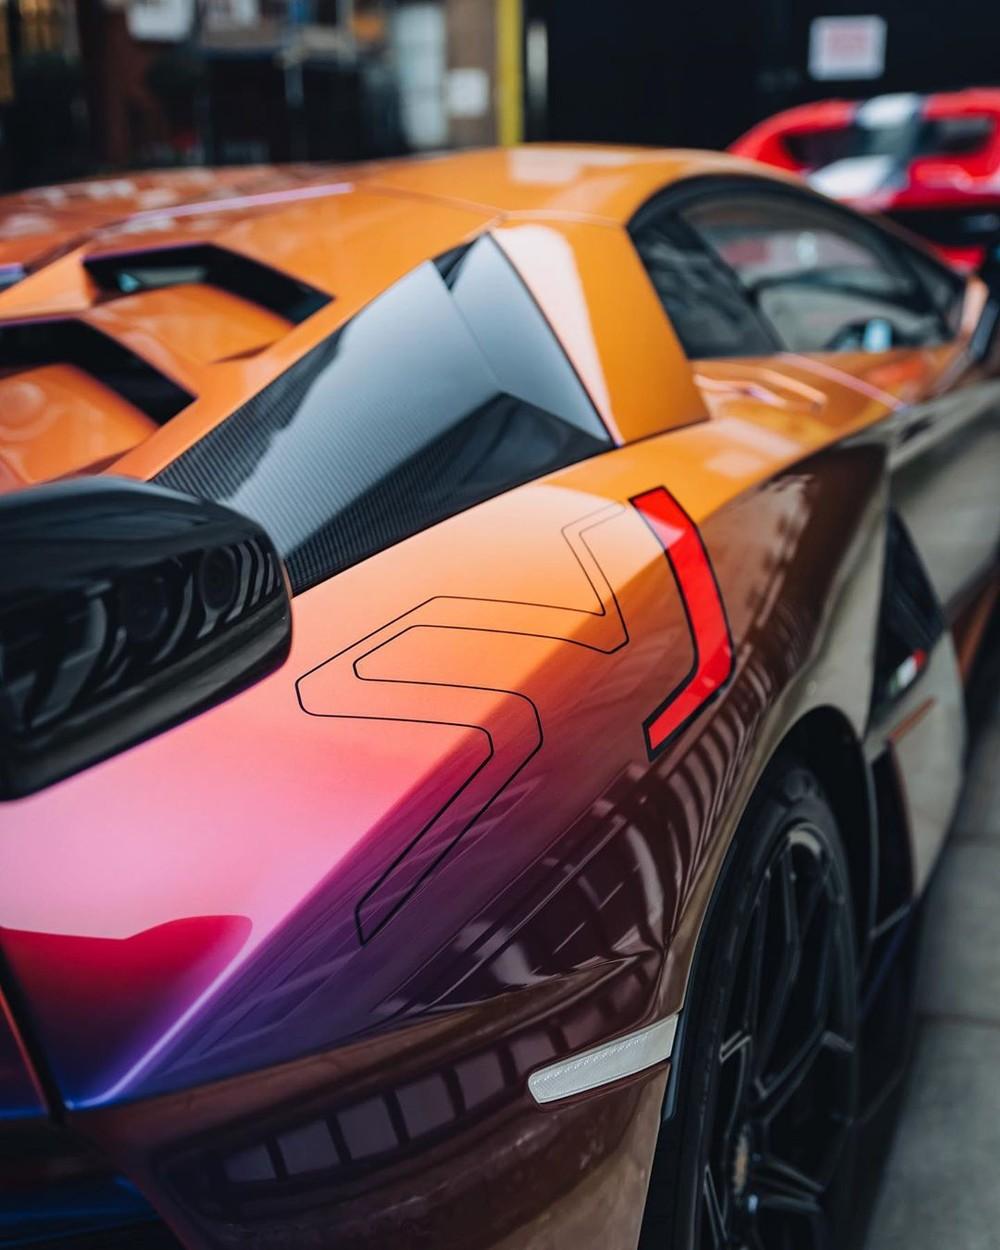 Ngoài màu sơn Blu Hal từ chương trình cá nhân hoá Ad Personam, chiếc siêu xe Lamborghini Aventador SVJ này còn có điểm nhấn với chữ J hoàn thành màu đỏ